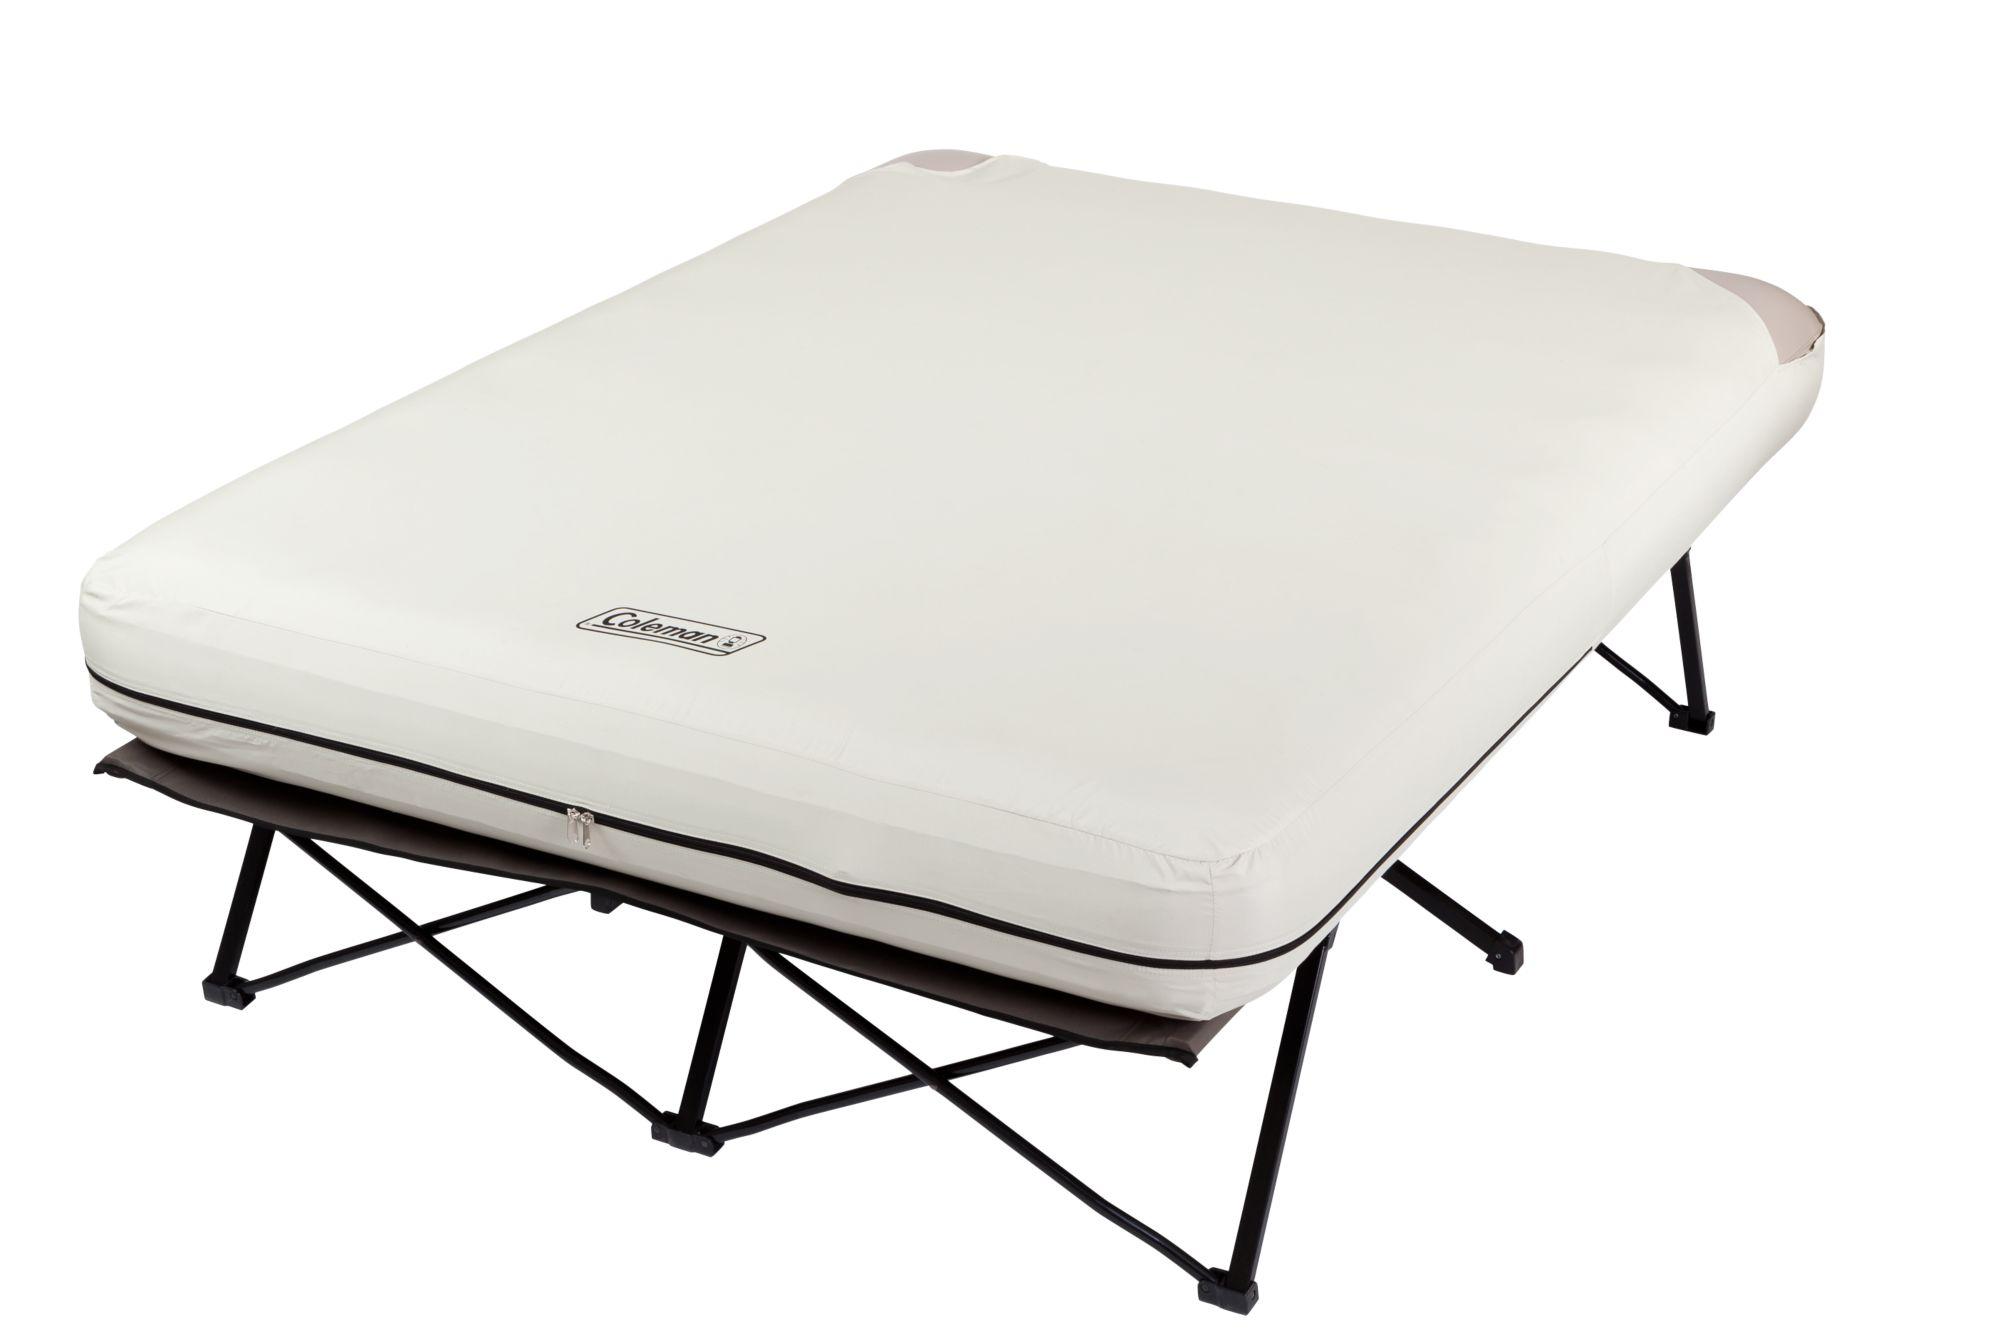 coleman air mattress cot Tent Cots, Suspension Cots, Airbed Cots | Coleman coleman air mattress cot